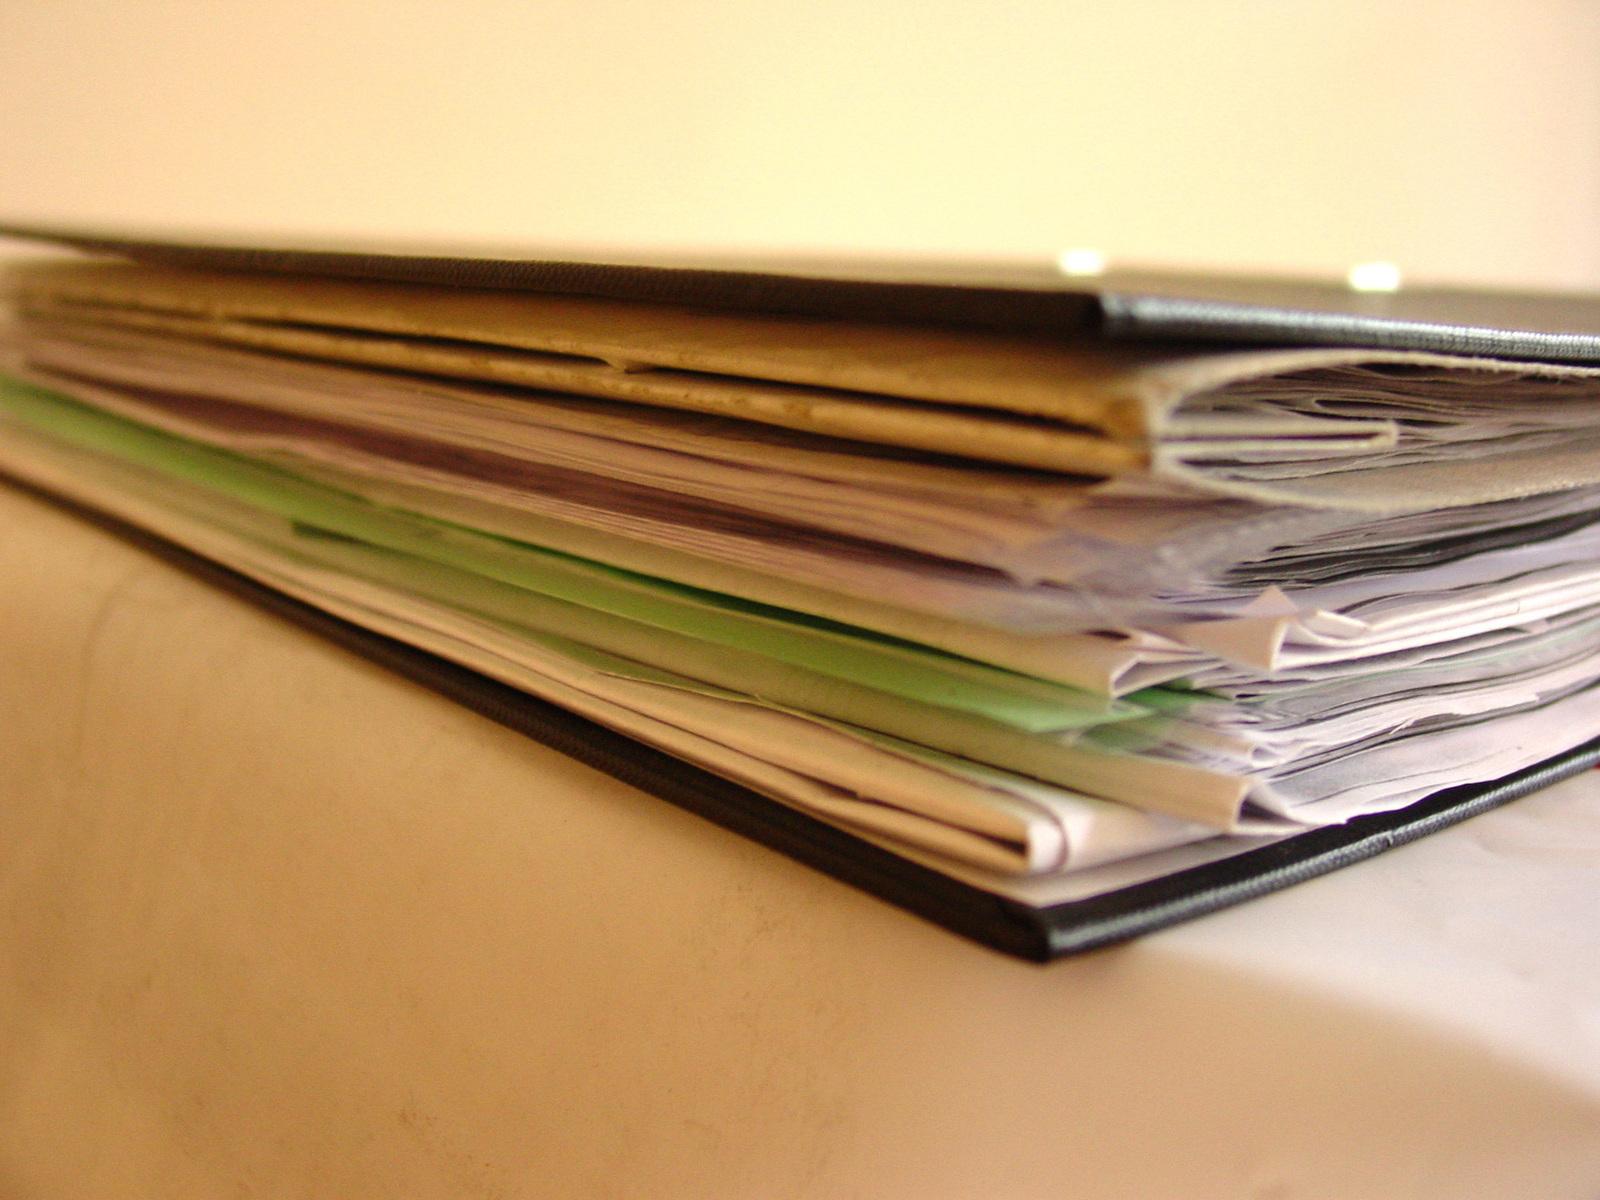 Архивный переплет документов для последующего хранения